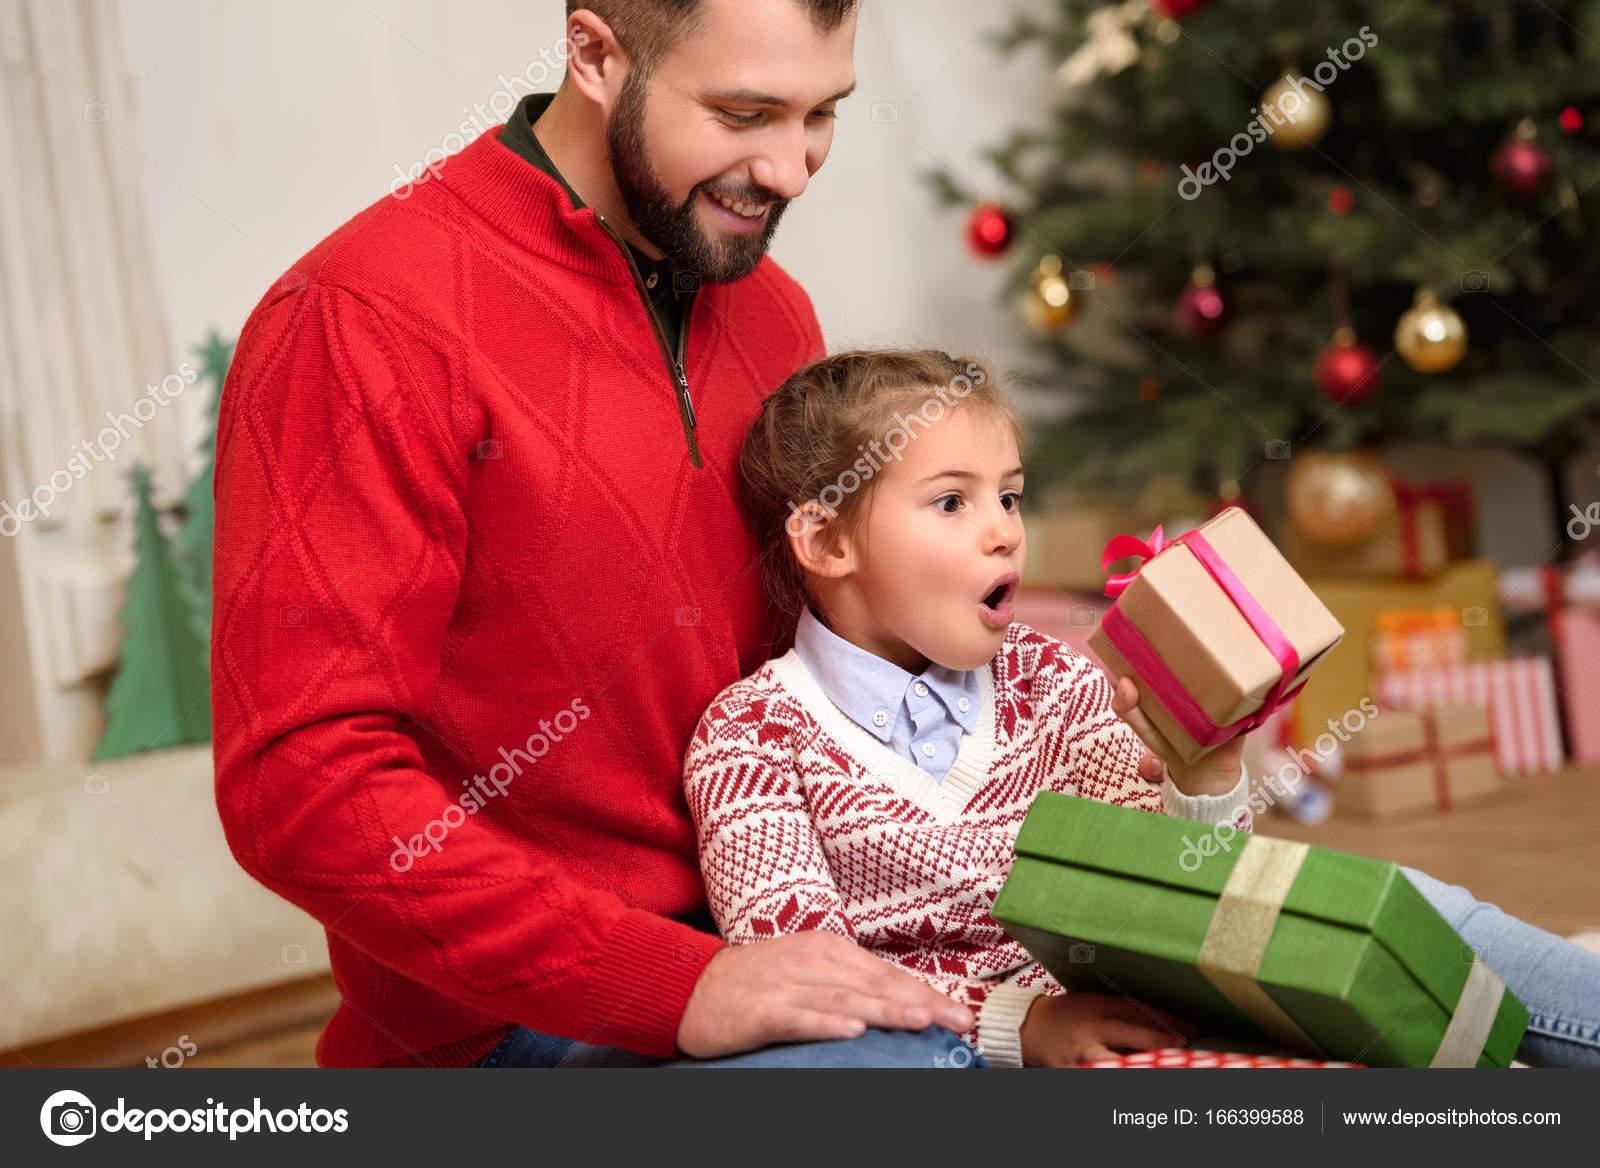 Padre e hija con regalos de navidad foto de stock - Regalos navidad para padres ...